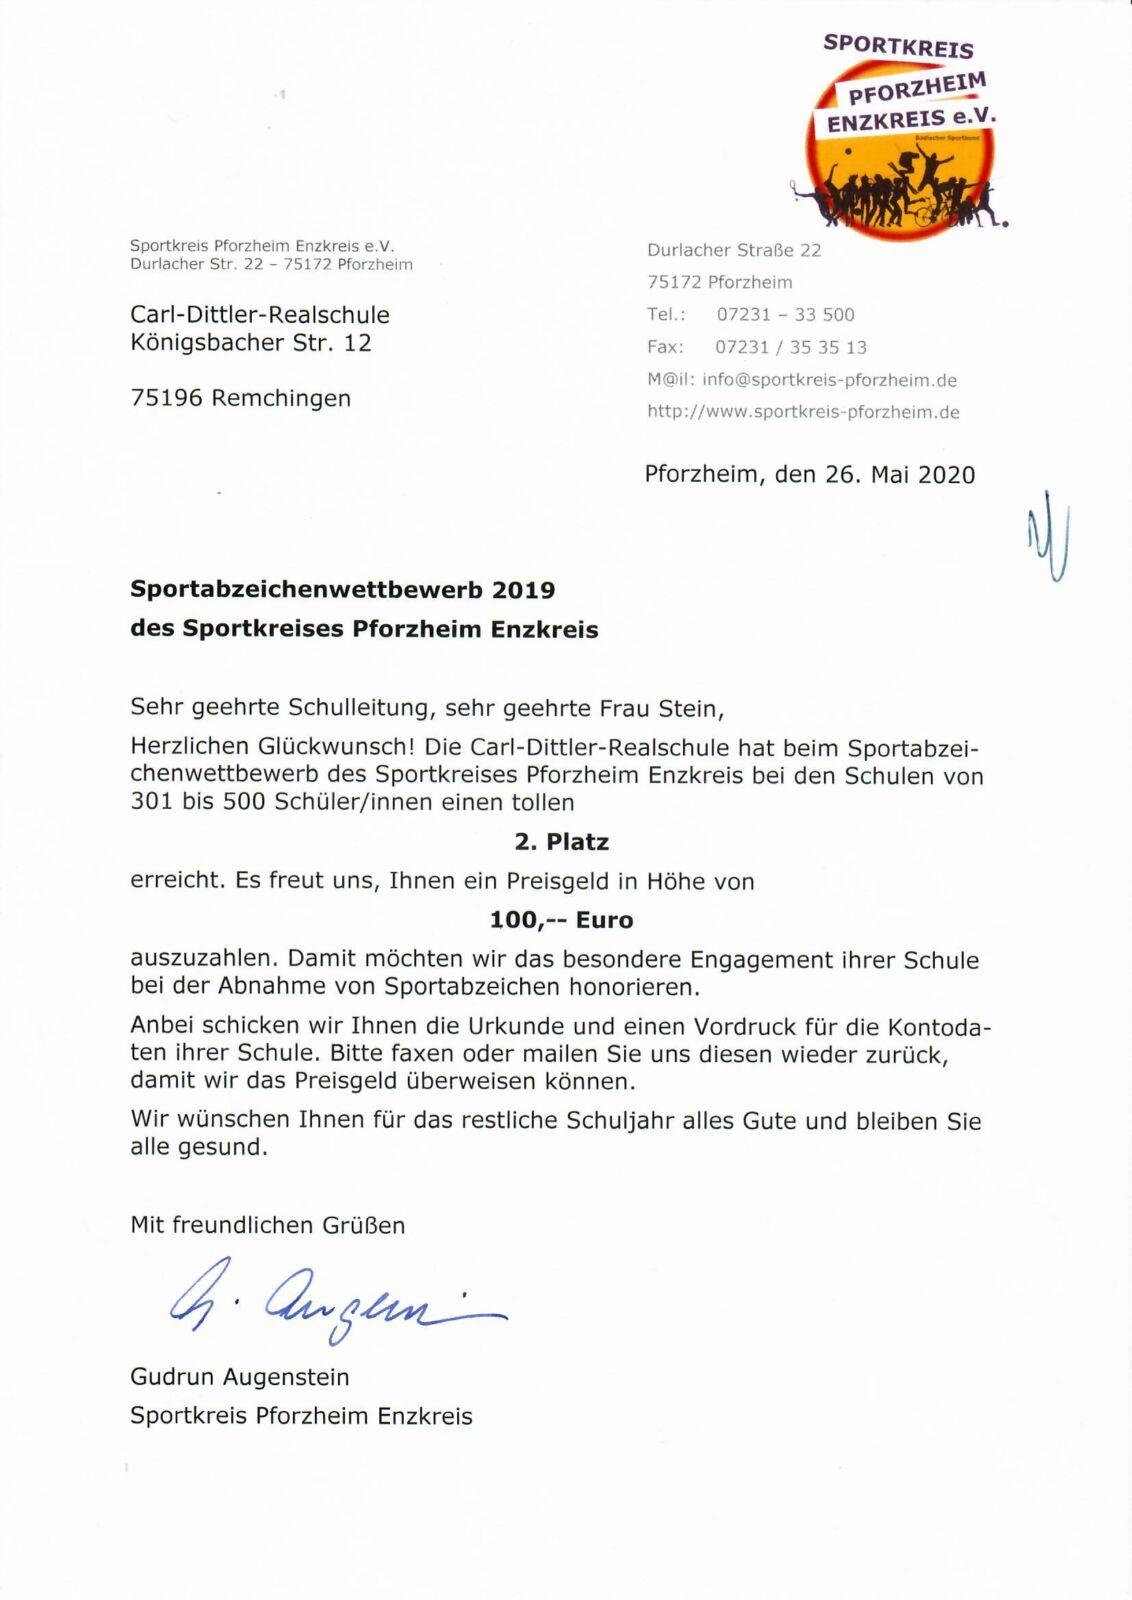 CDRS erfolgreich beim Sportabzeichenwettbewerb